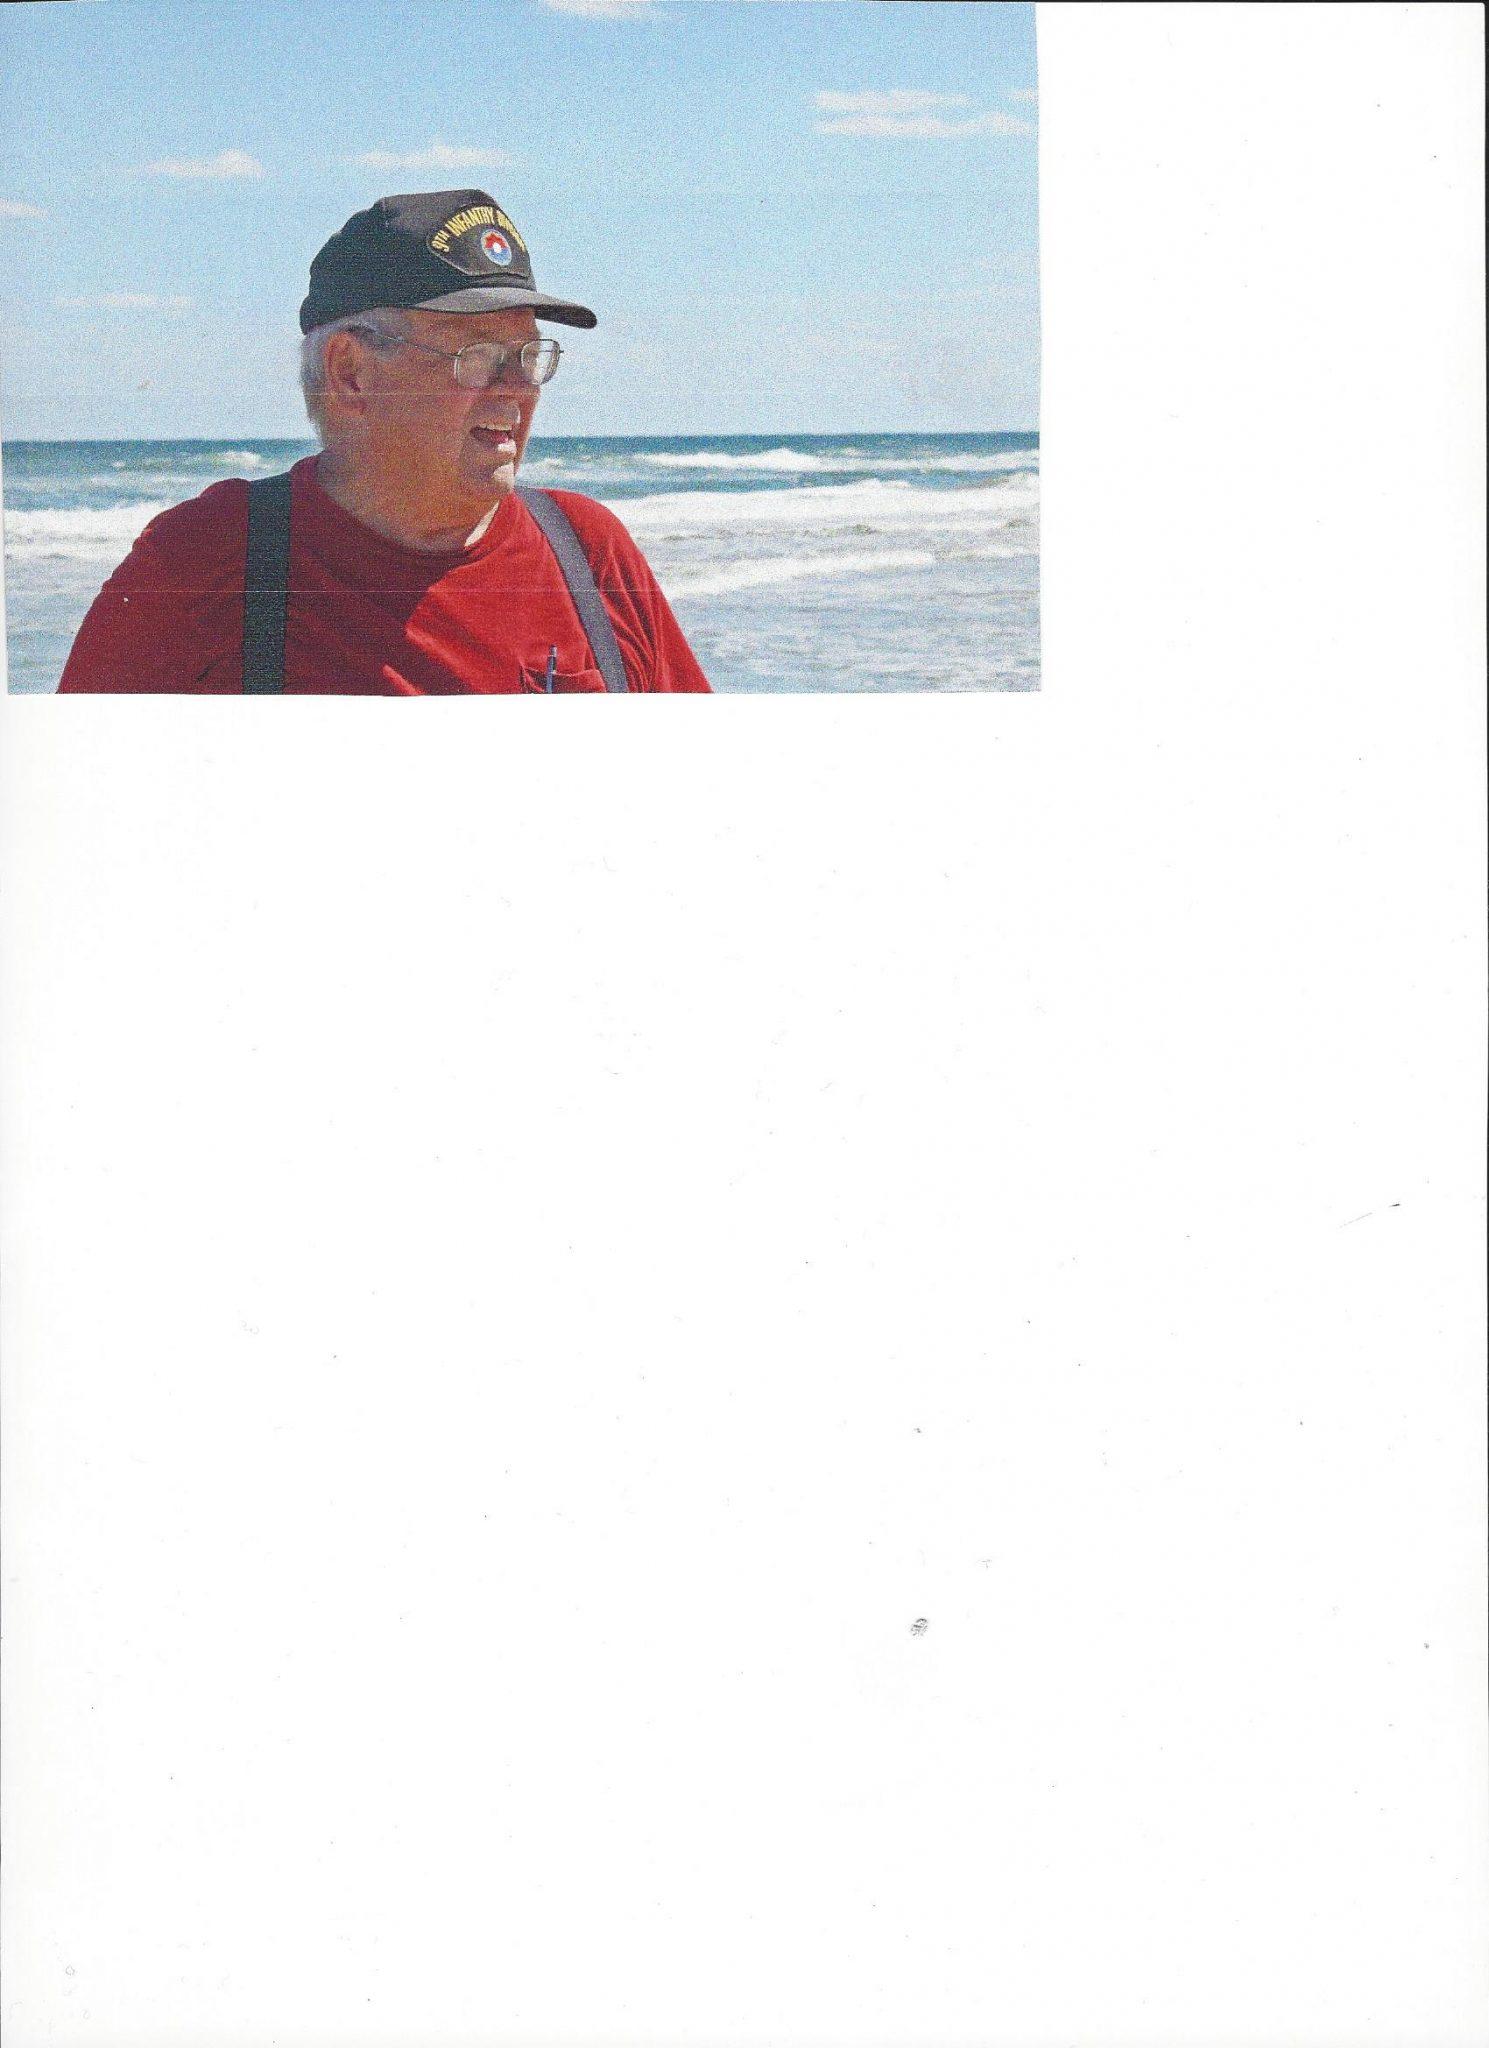 Nelson at Canaveral National Seashore near New Smyrna Beach.